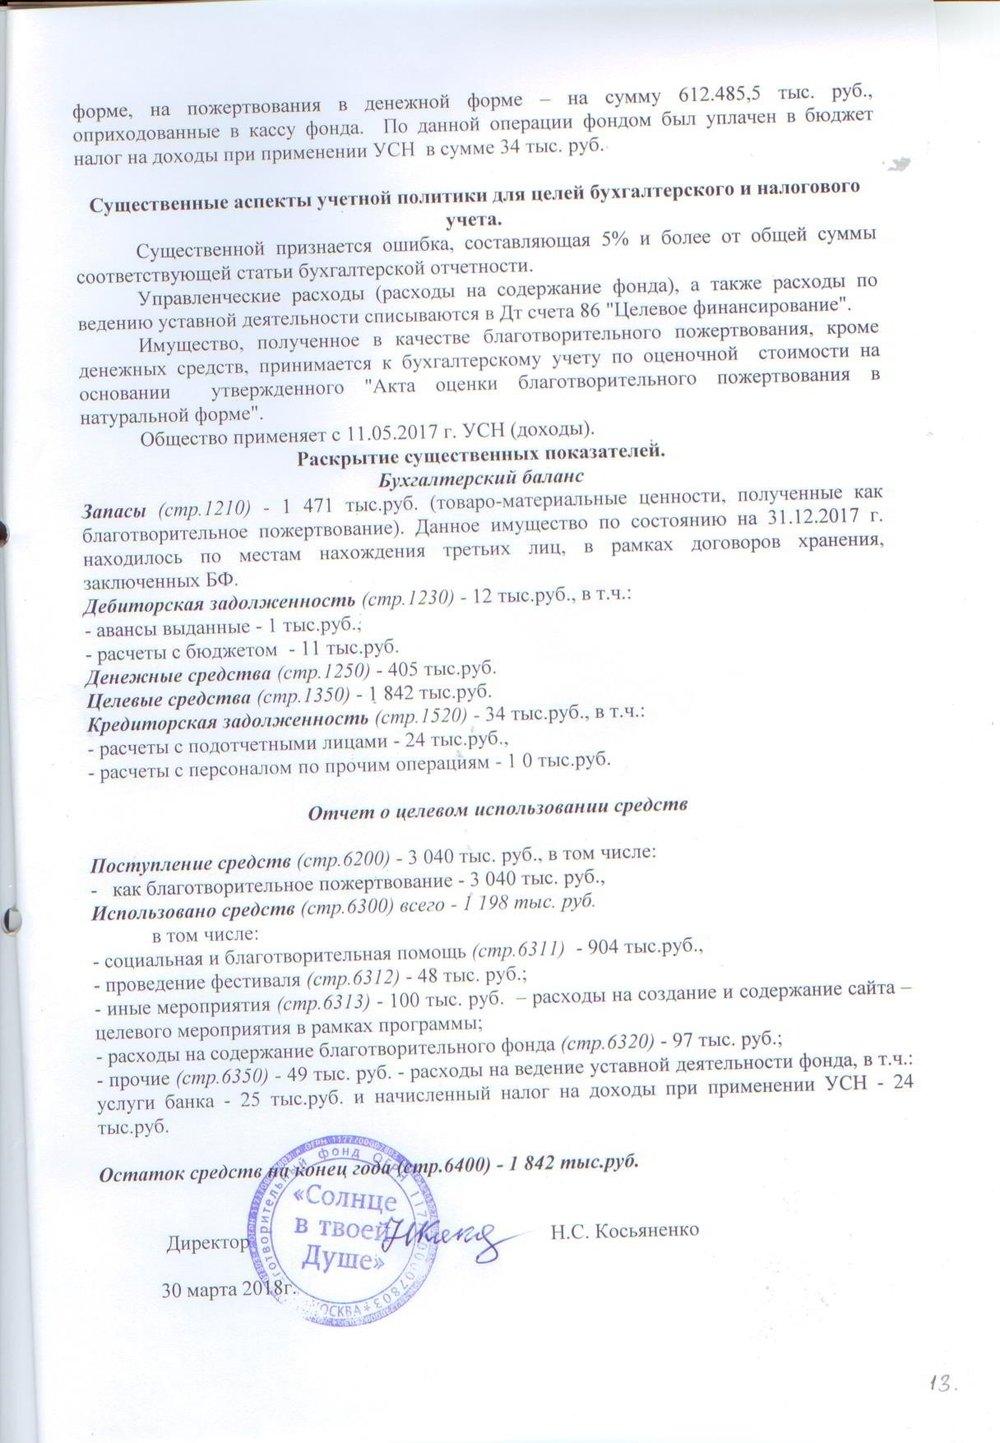 Скан_АУББ8.jpg